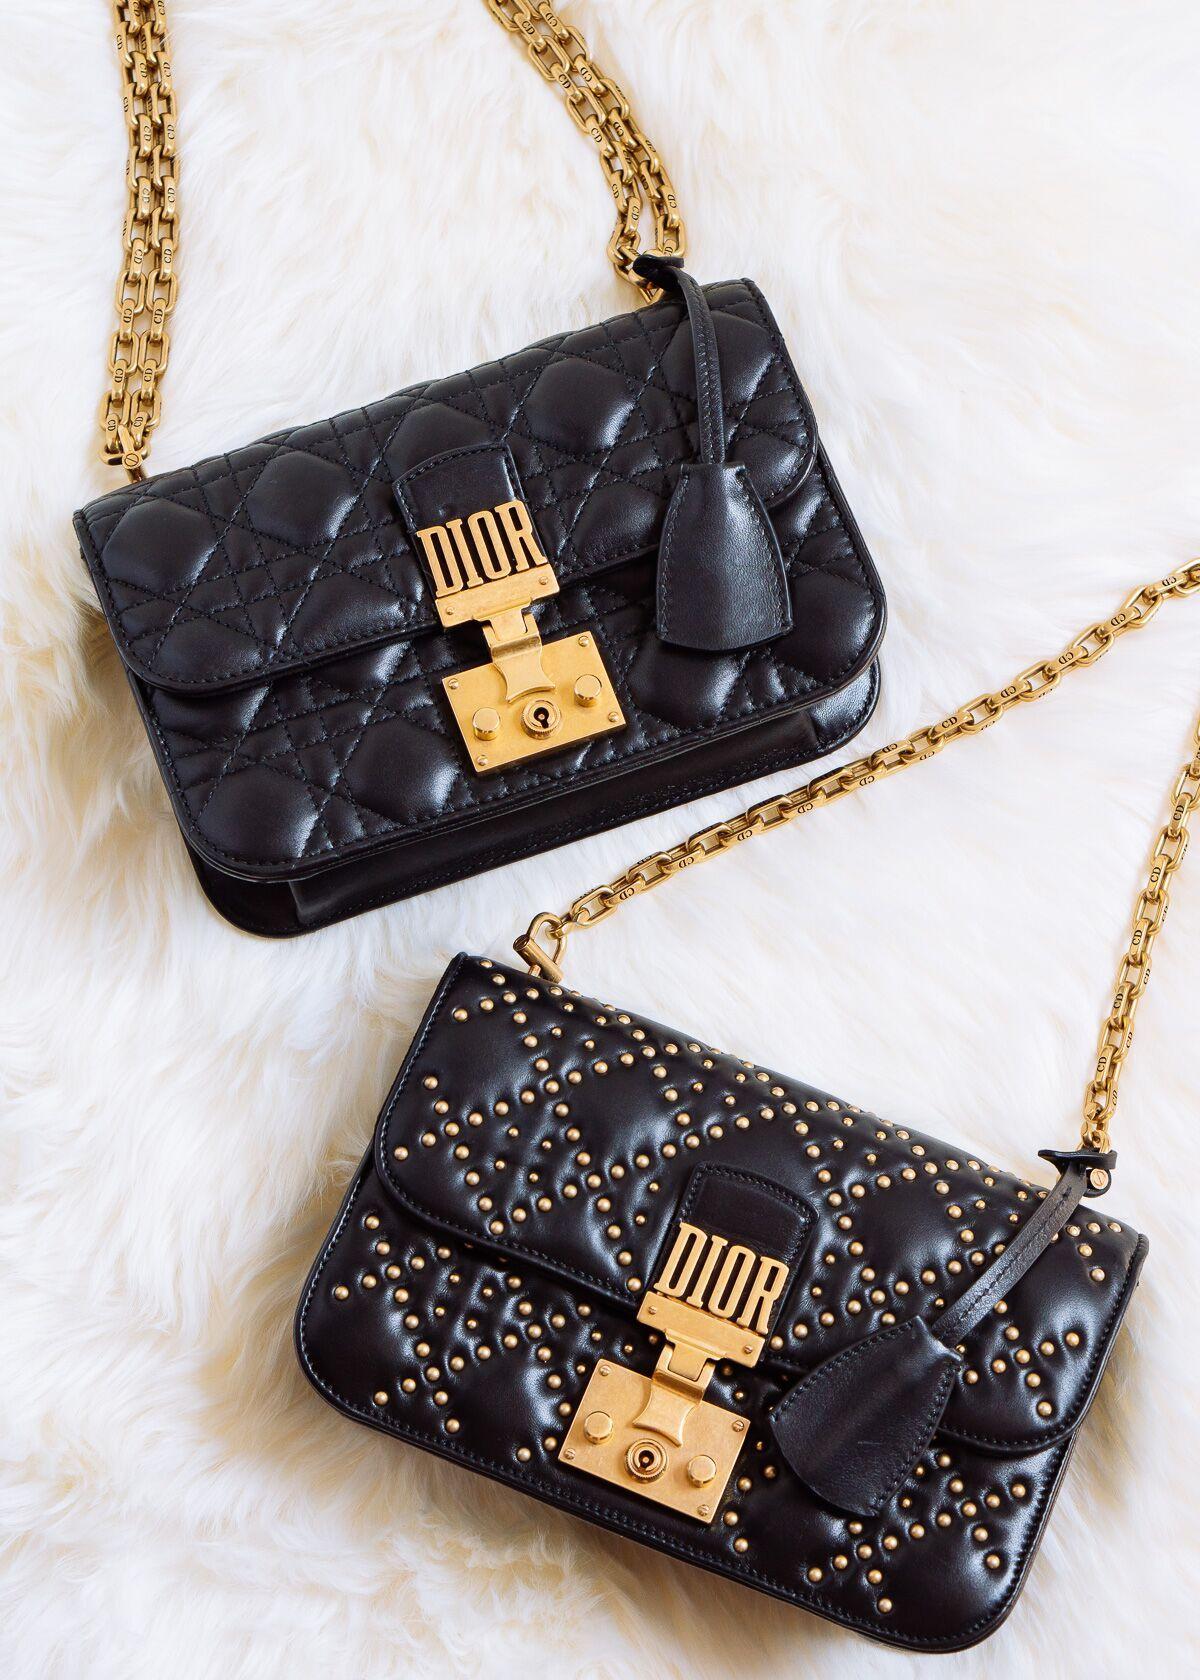 10c4fc39d1e9 Up Close with the Dior Addict Bag - PurseBlog